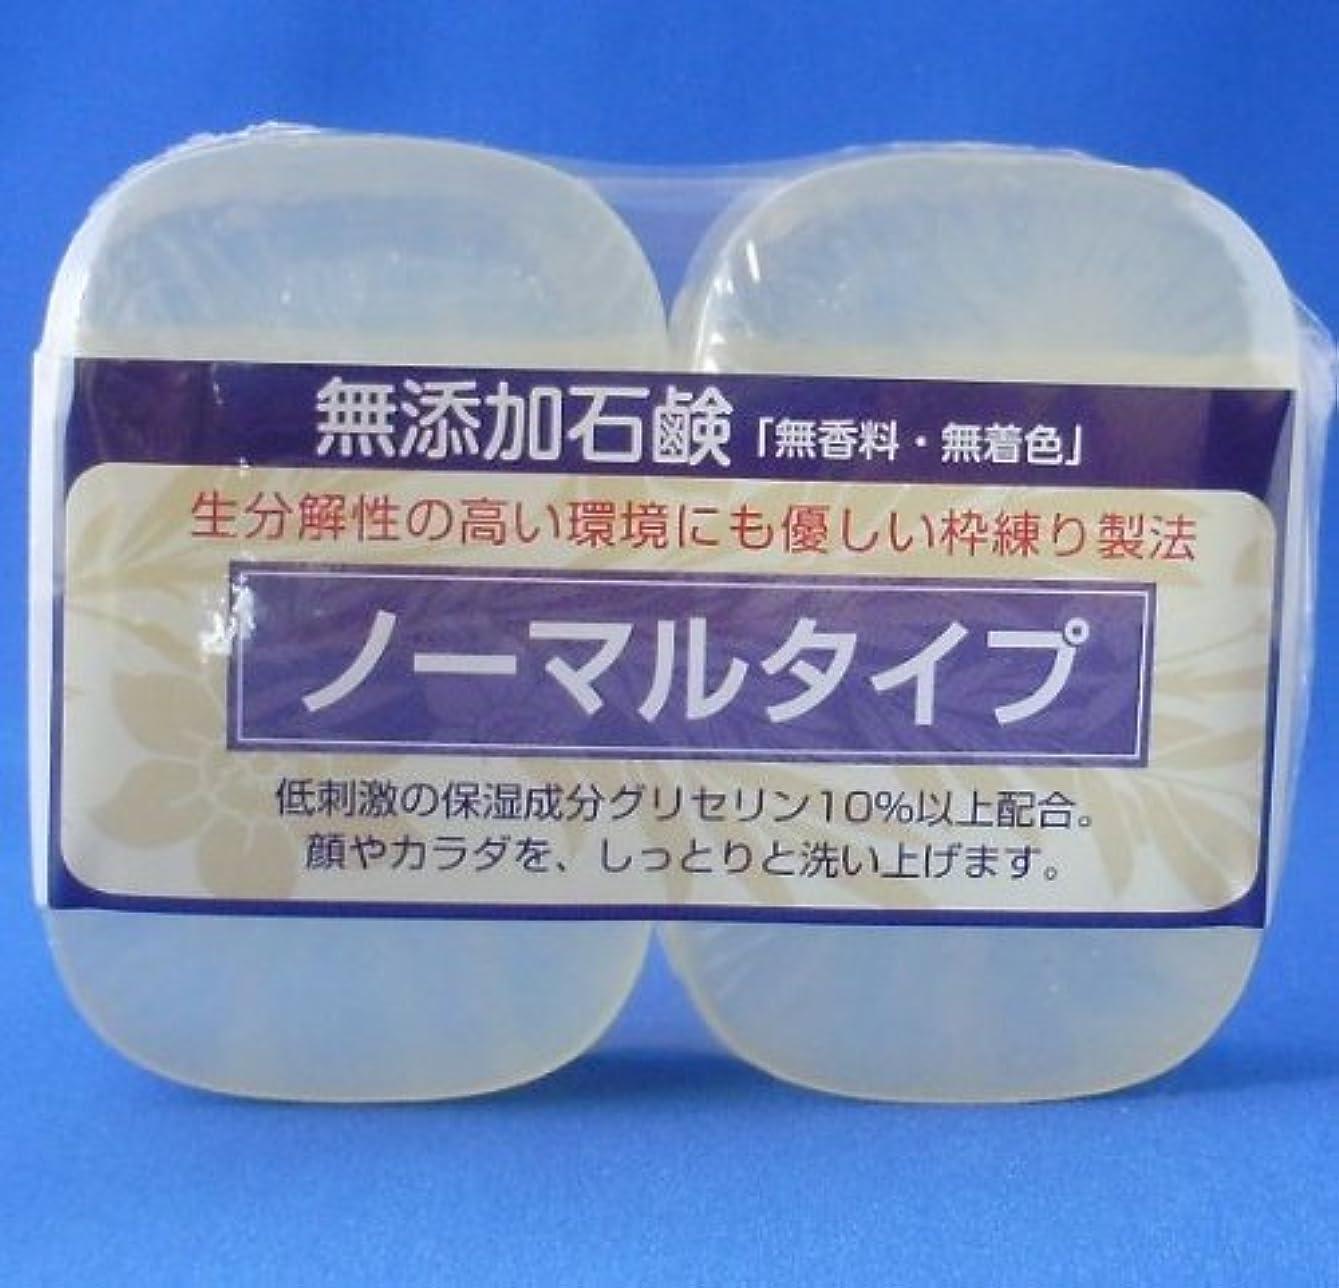 元の辛い敬な無添加石鹸 ノーマルタイプ 90g×2個